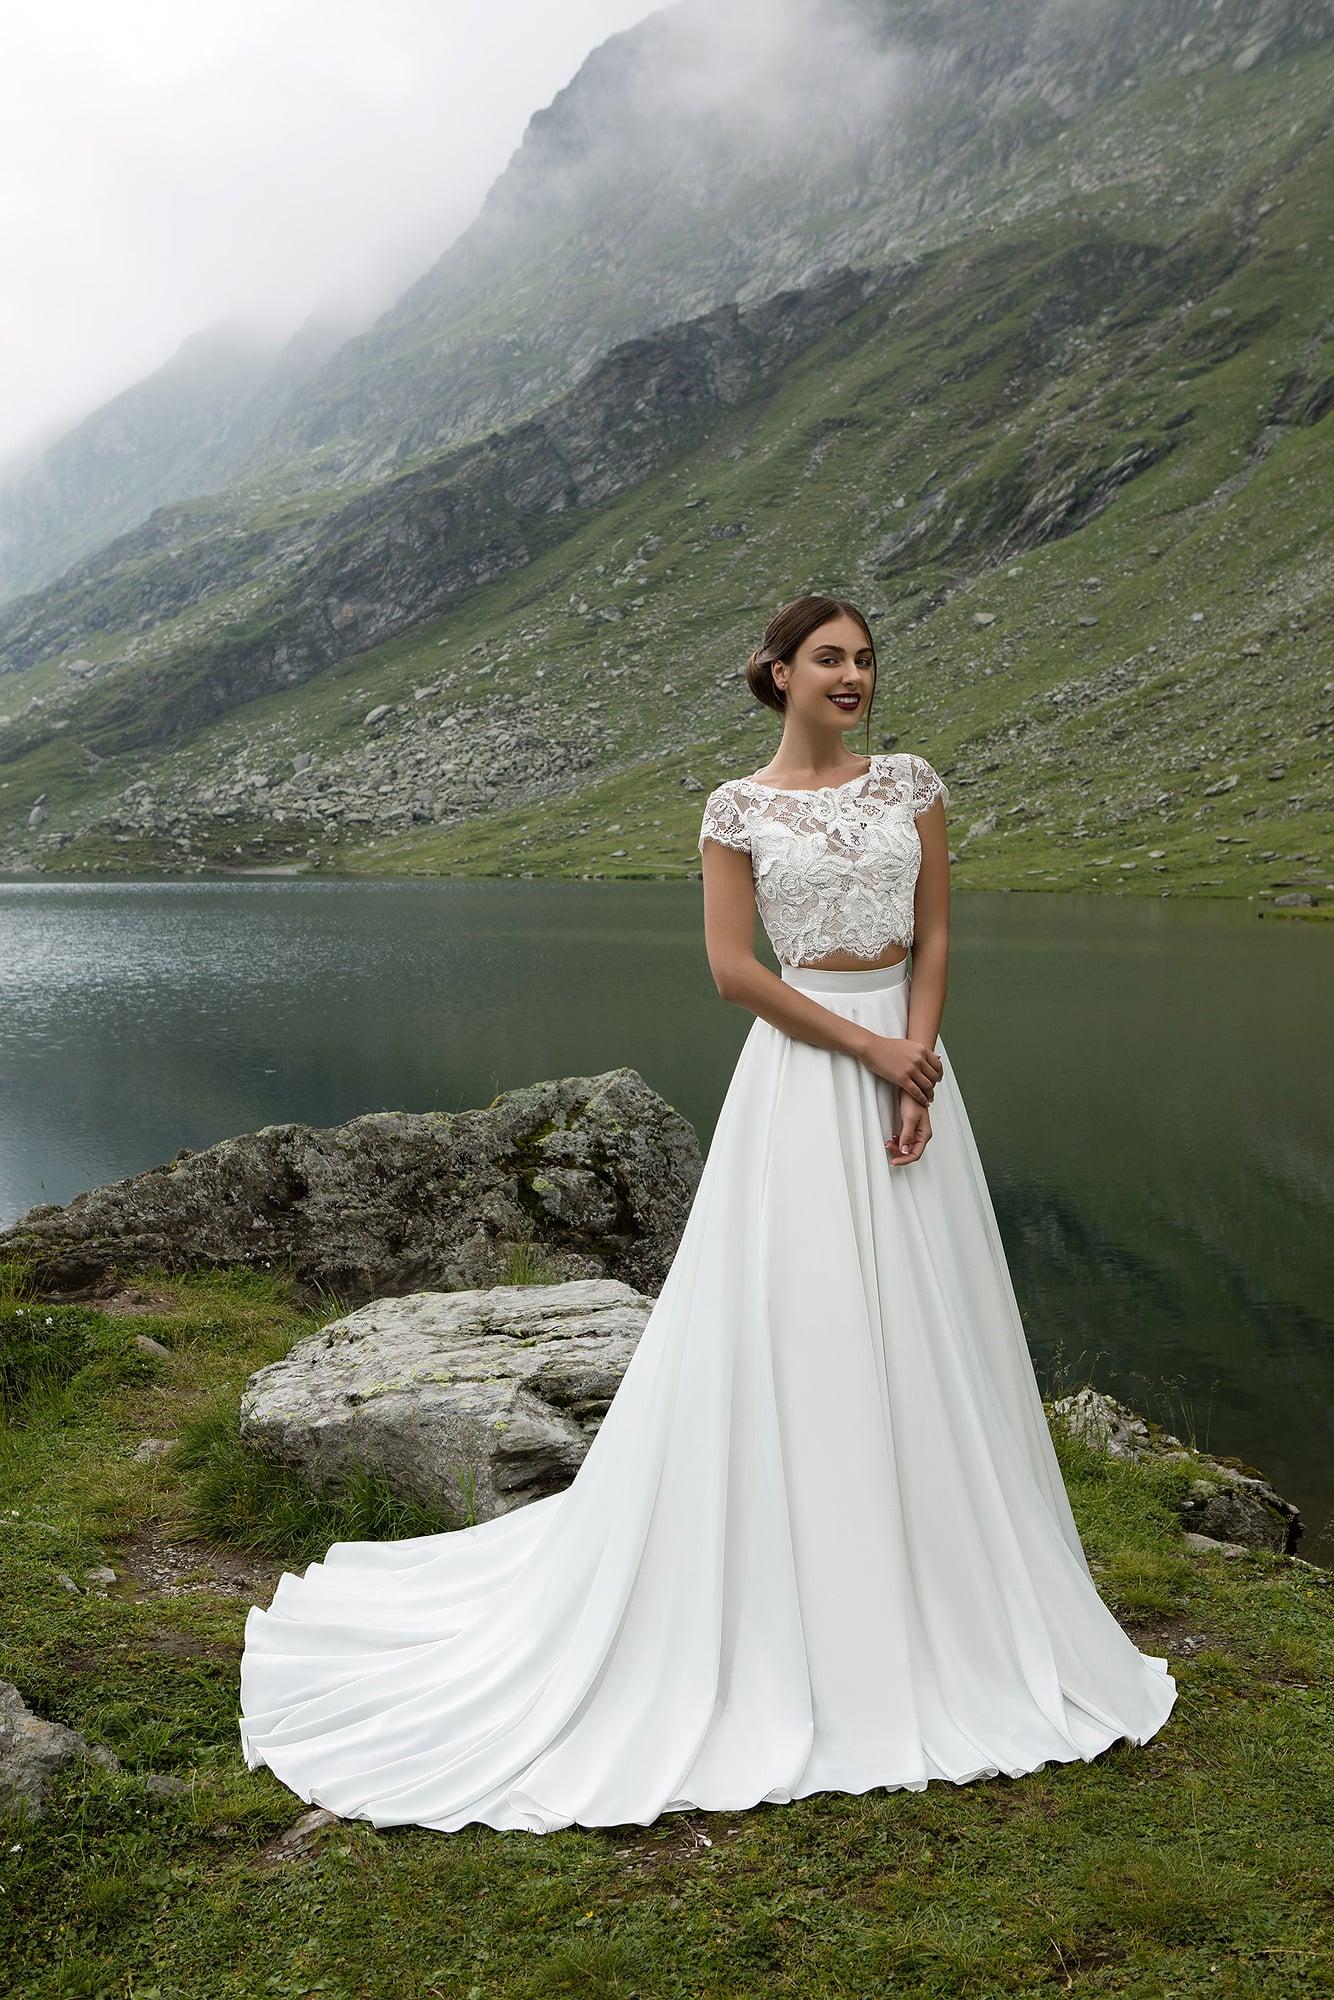 Свадебные топ и юбка купить в москве